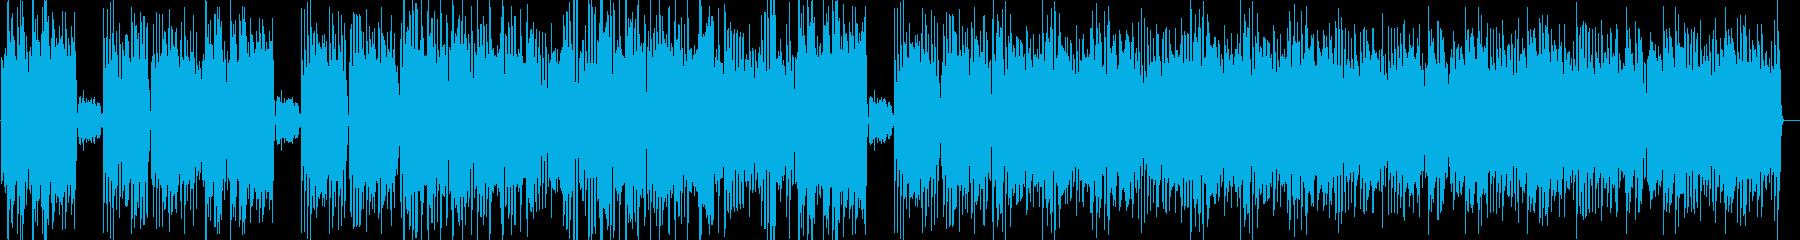 ラグタイム メイプルリーフ・ラグの再生済みの波形